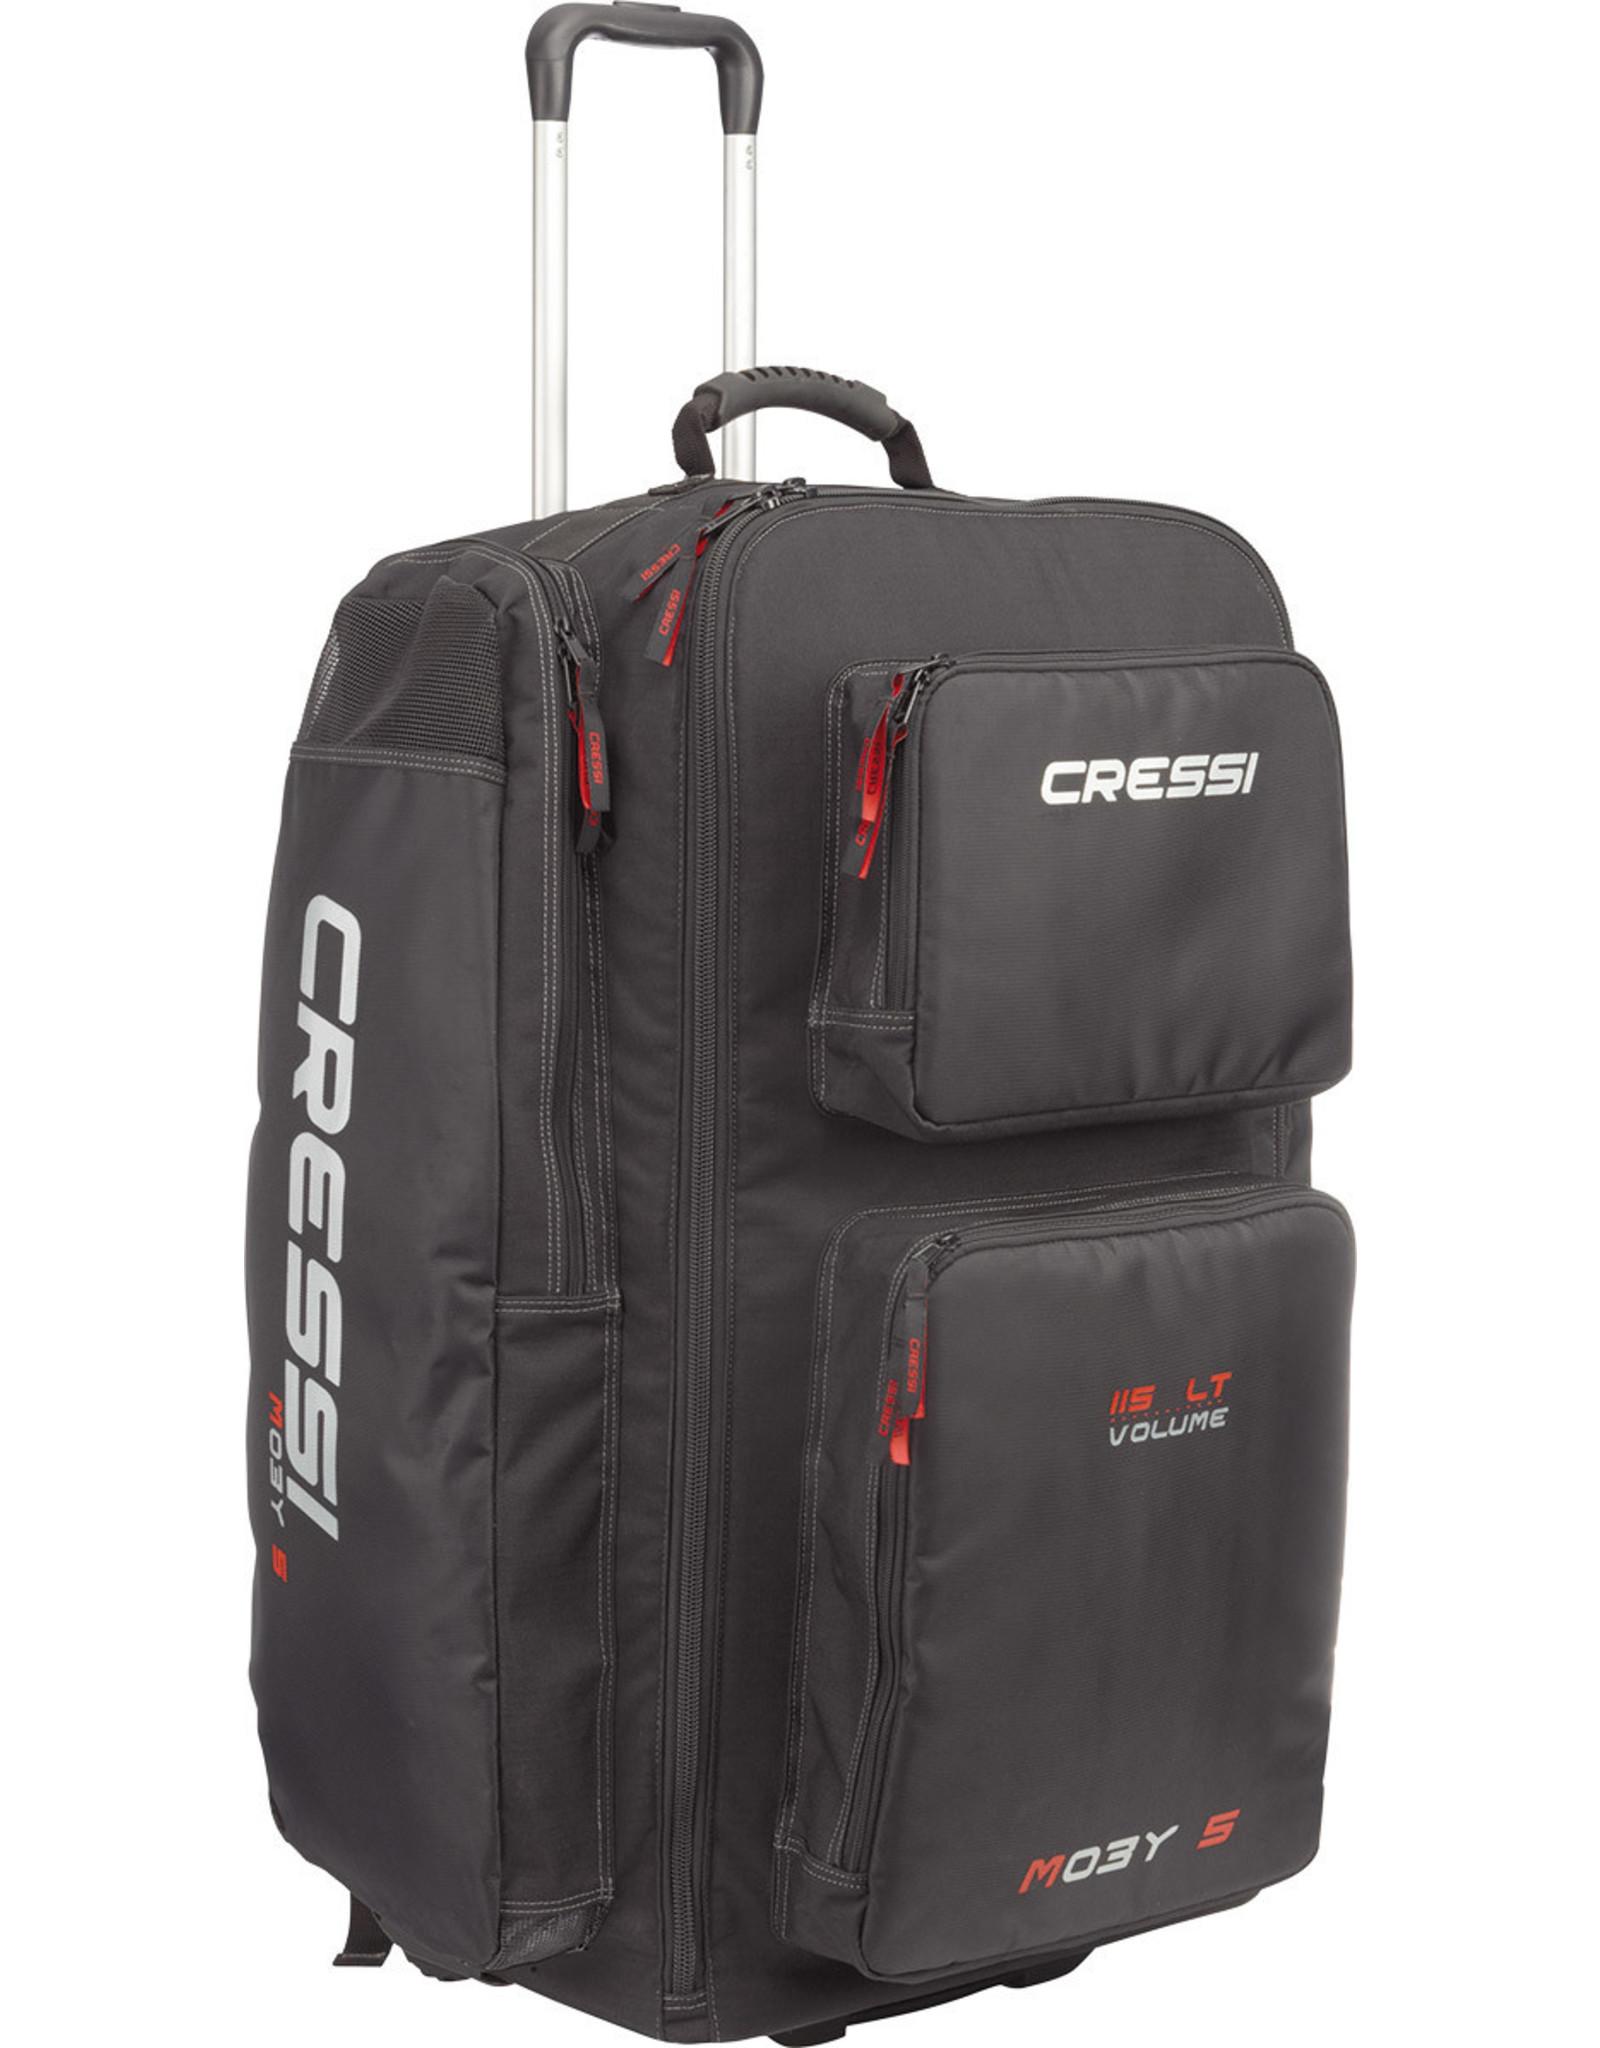 Cressi Cressi MOBY 5